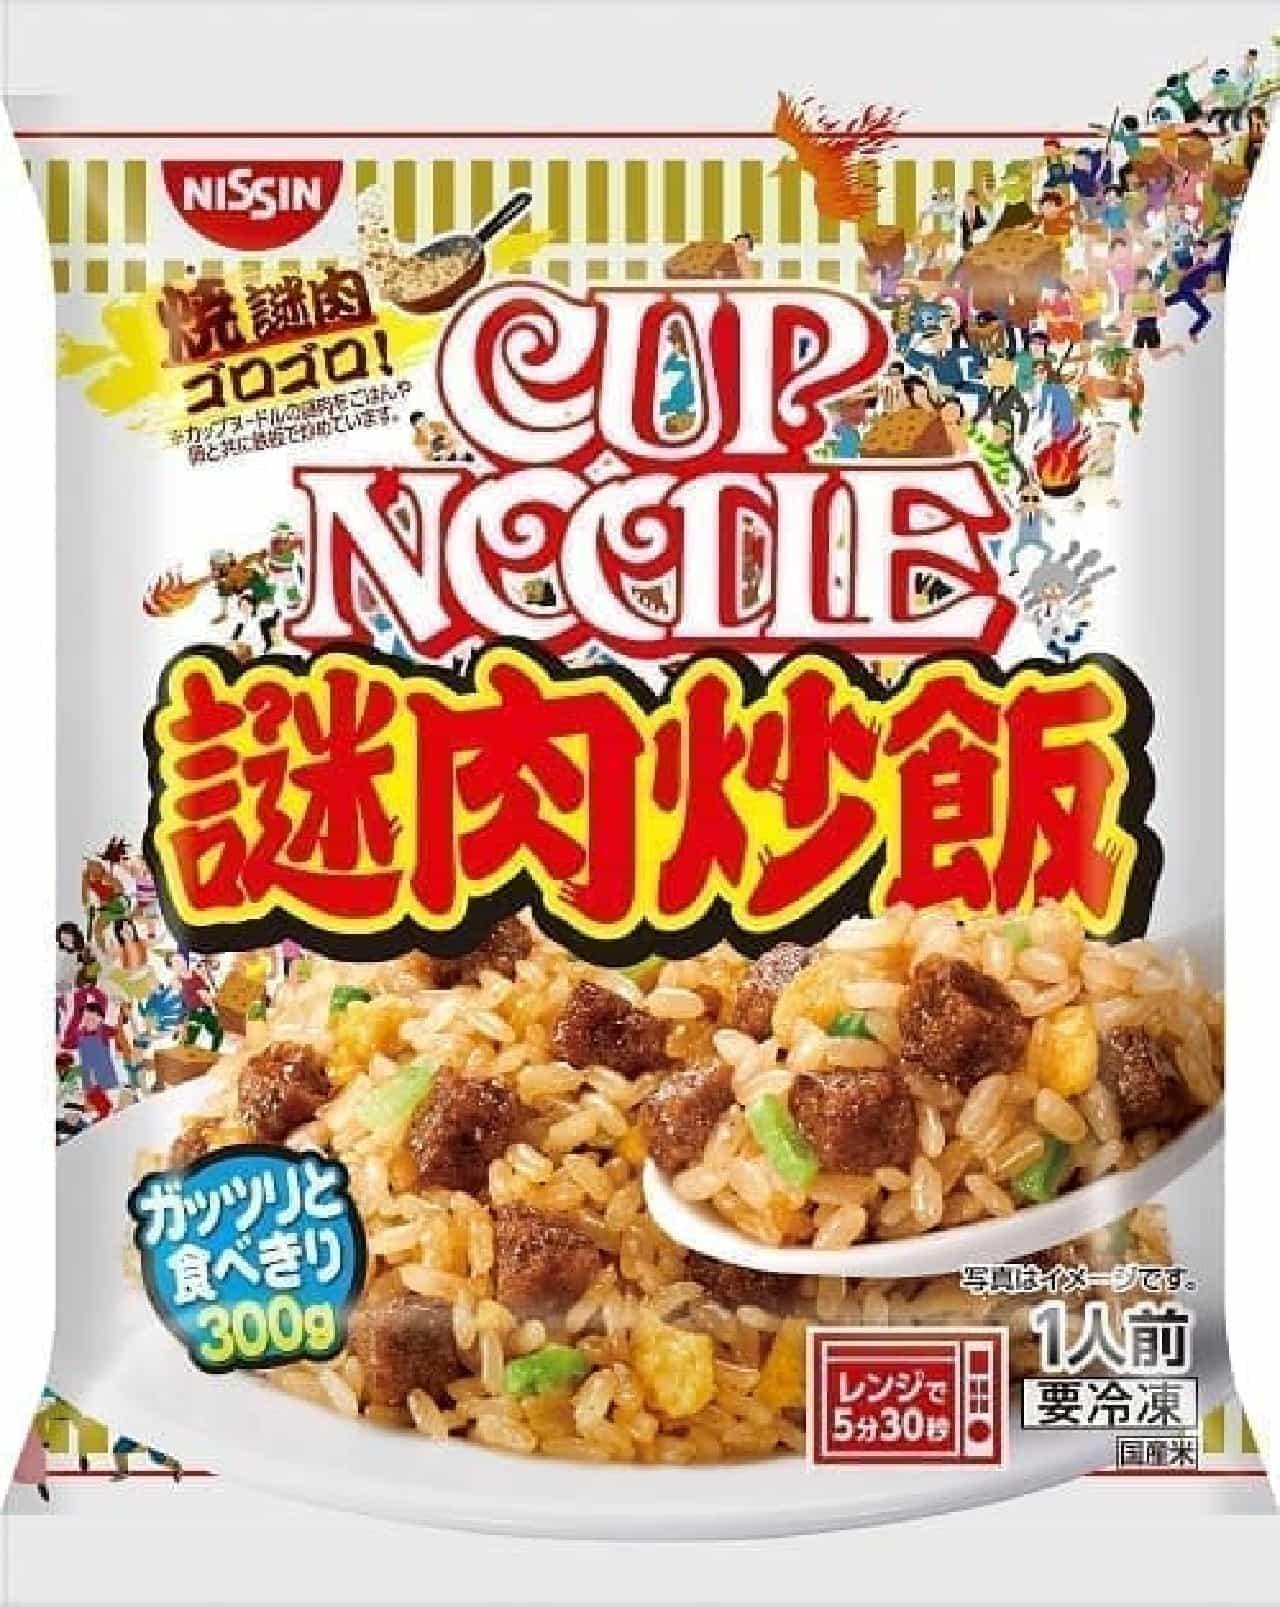 冷凍 日清カップヌードル 謎肉炒飯